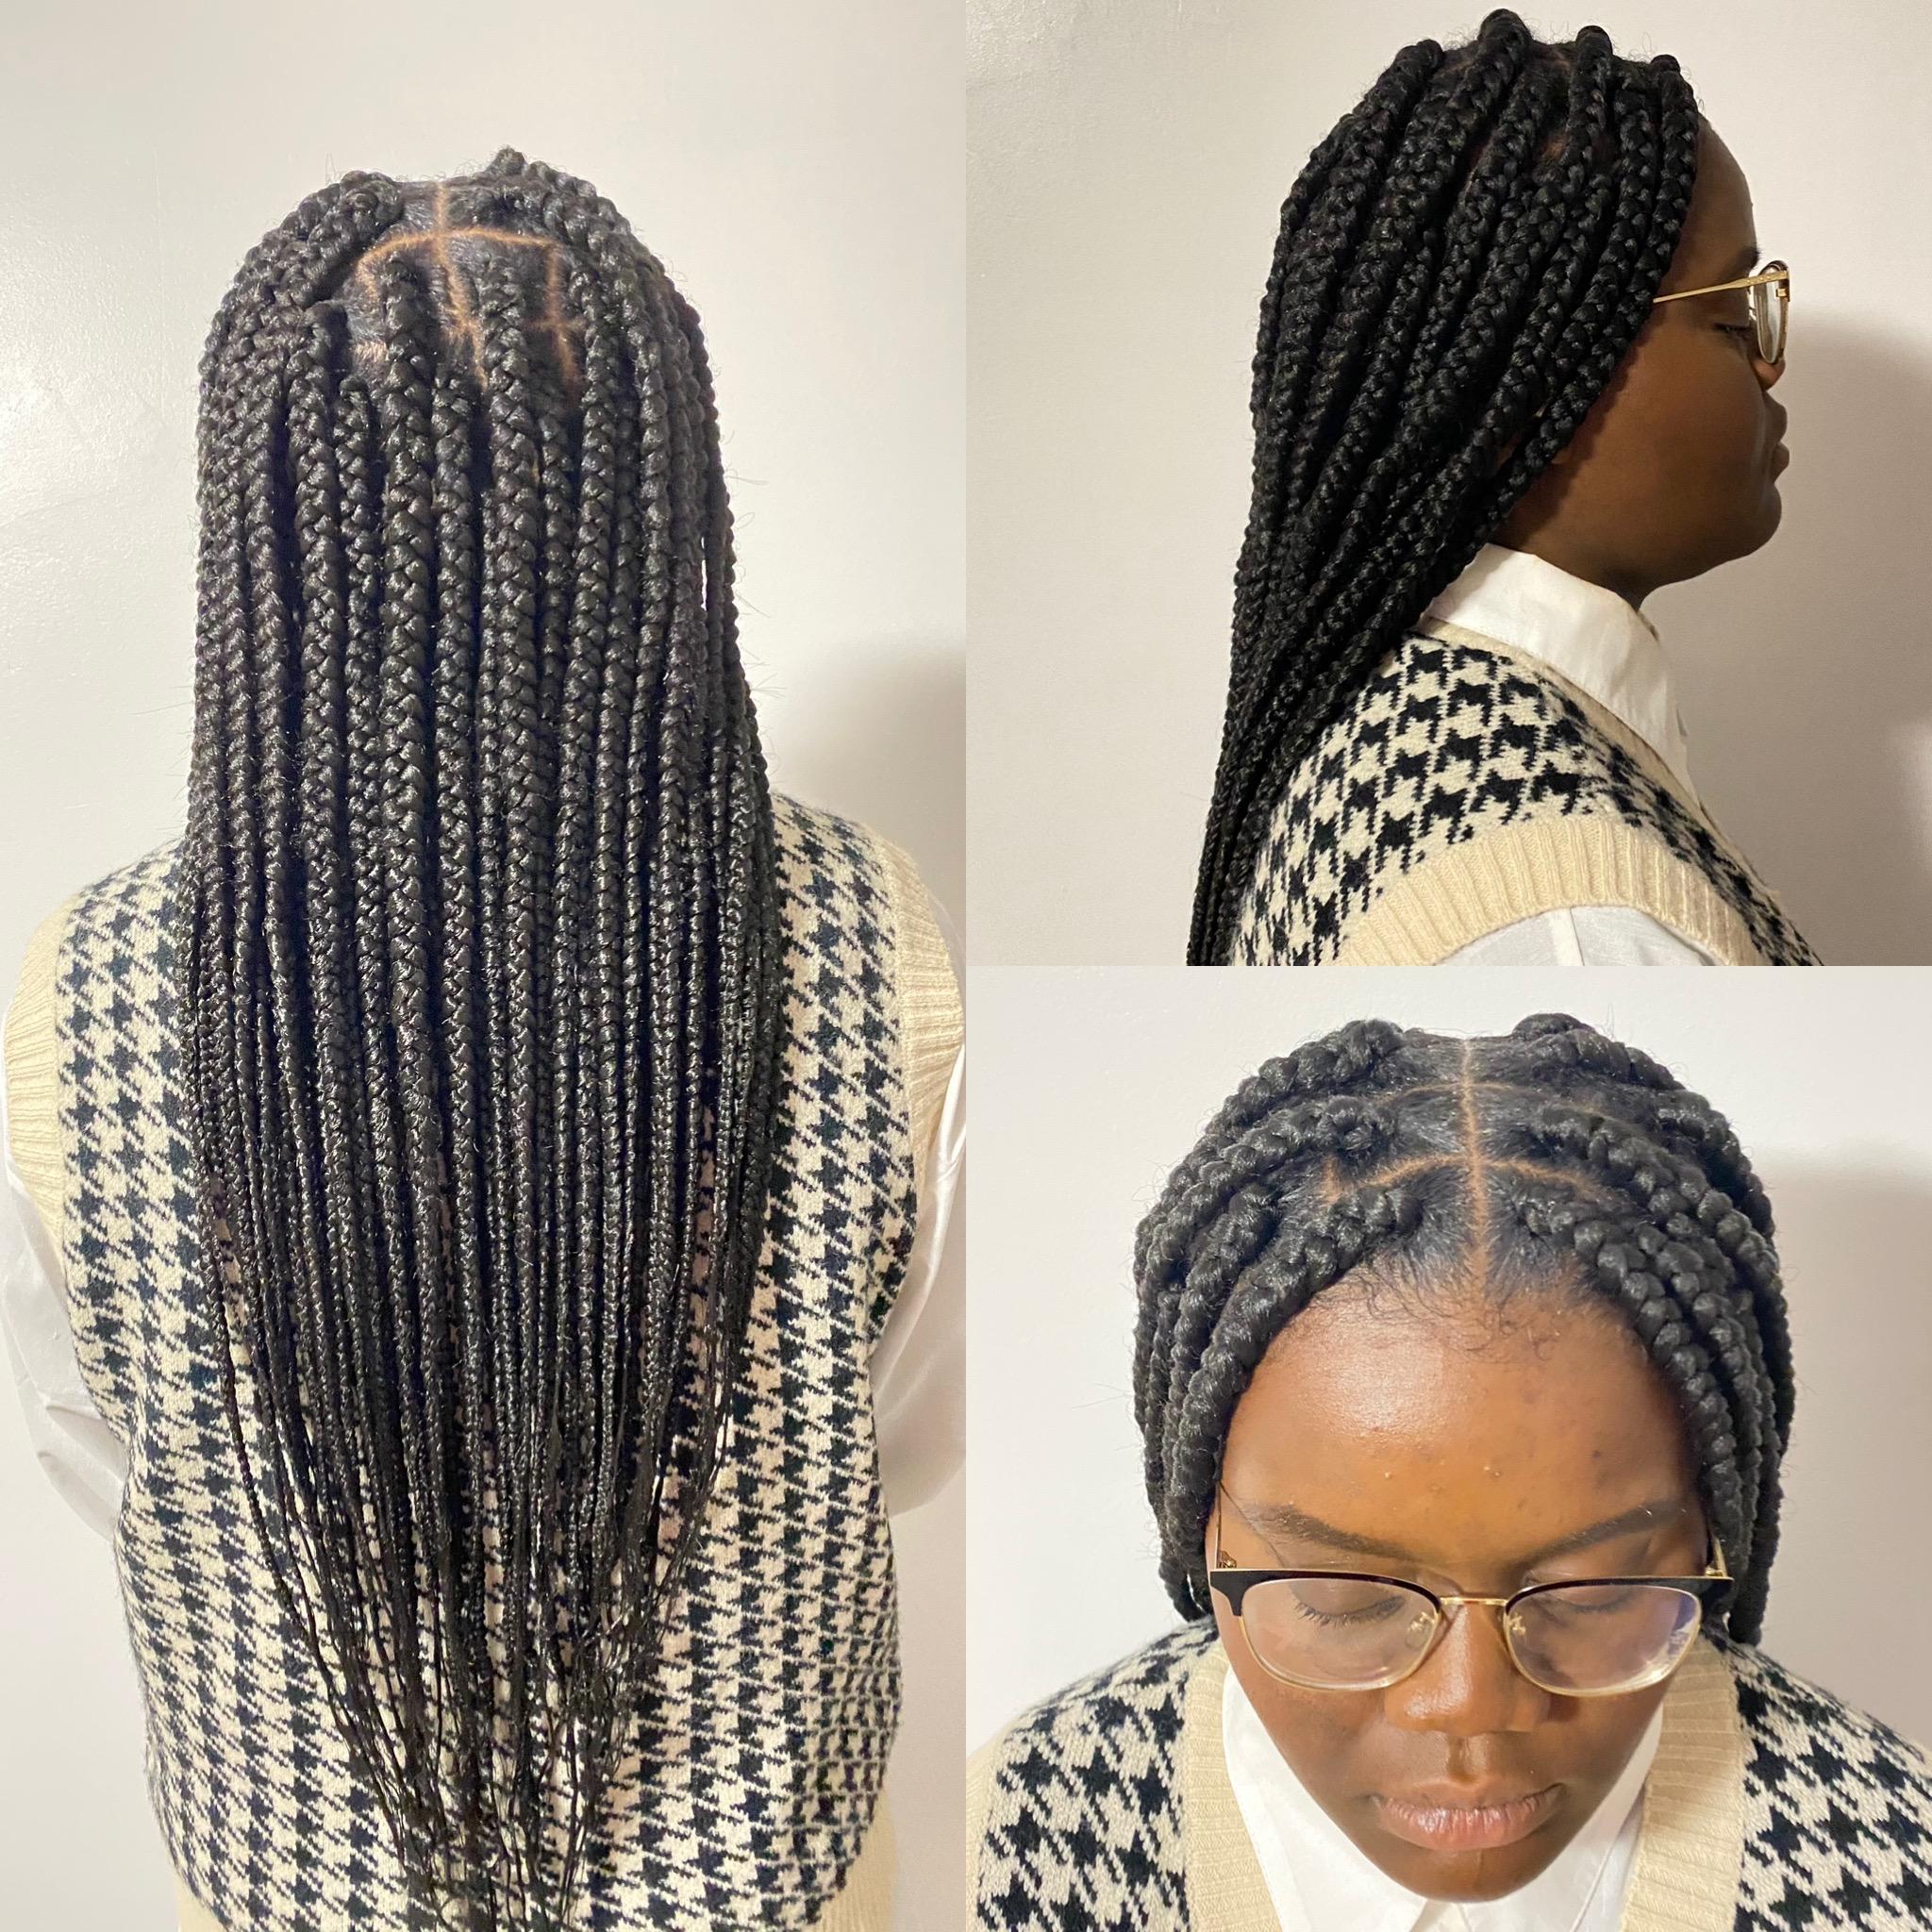 salon de coiffure afro tresse tresses box braids crochet braids vanilles tissages paris 75 77 78 91 92 93 94 95 QLZQKRRM